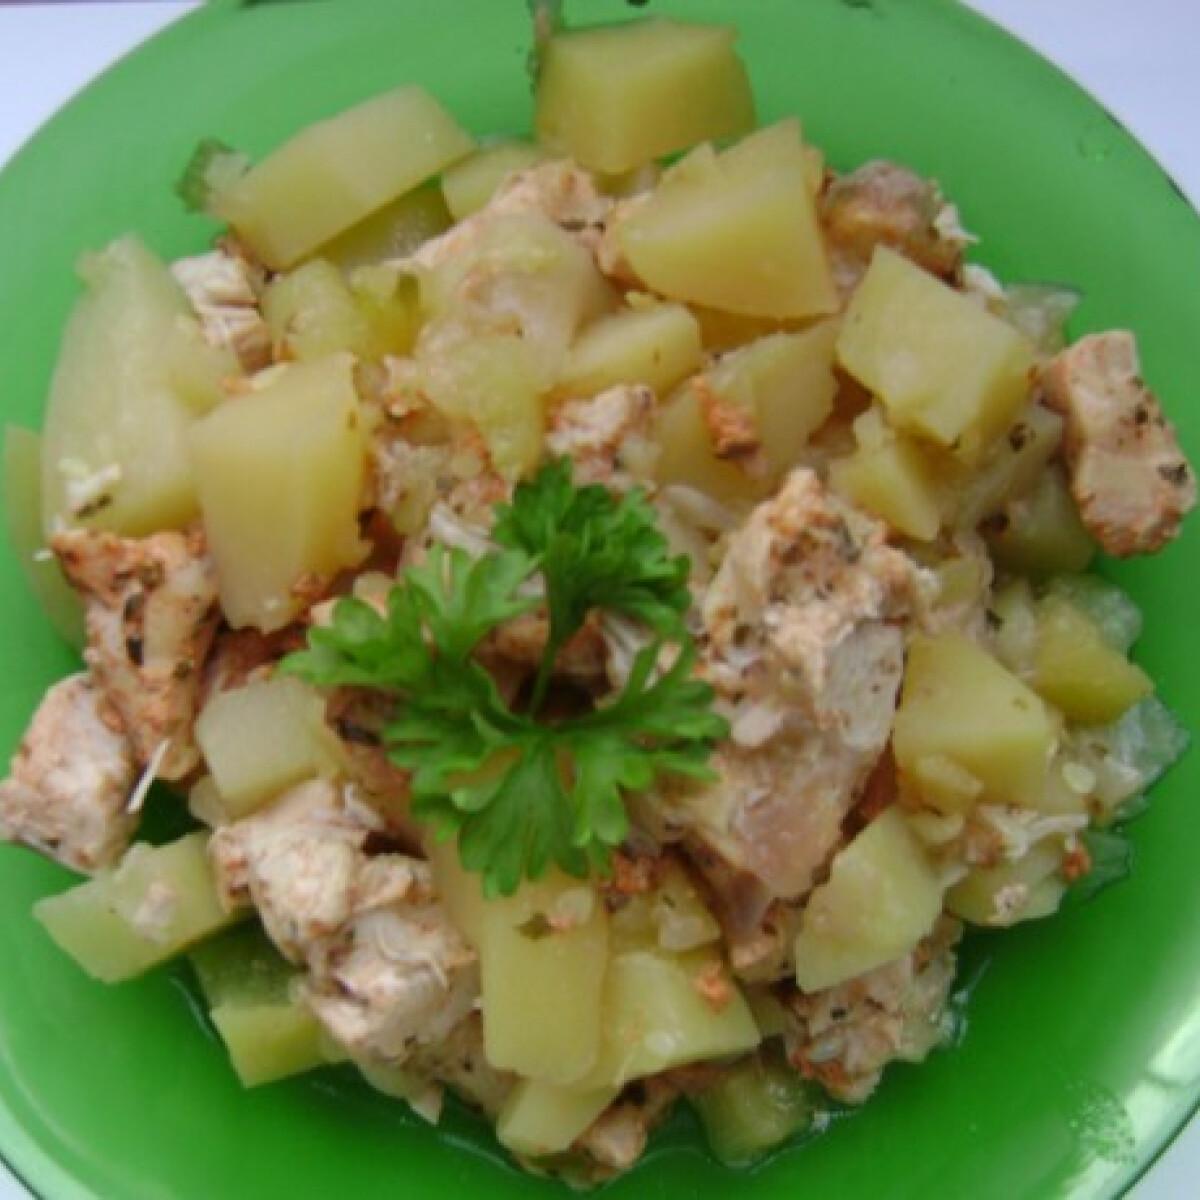 Ezen a képen: Zöldséges csirkemell Kikianyu konyhájából